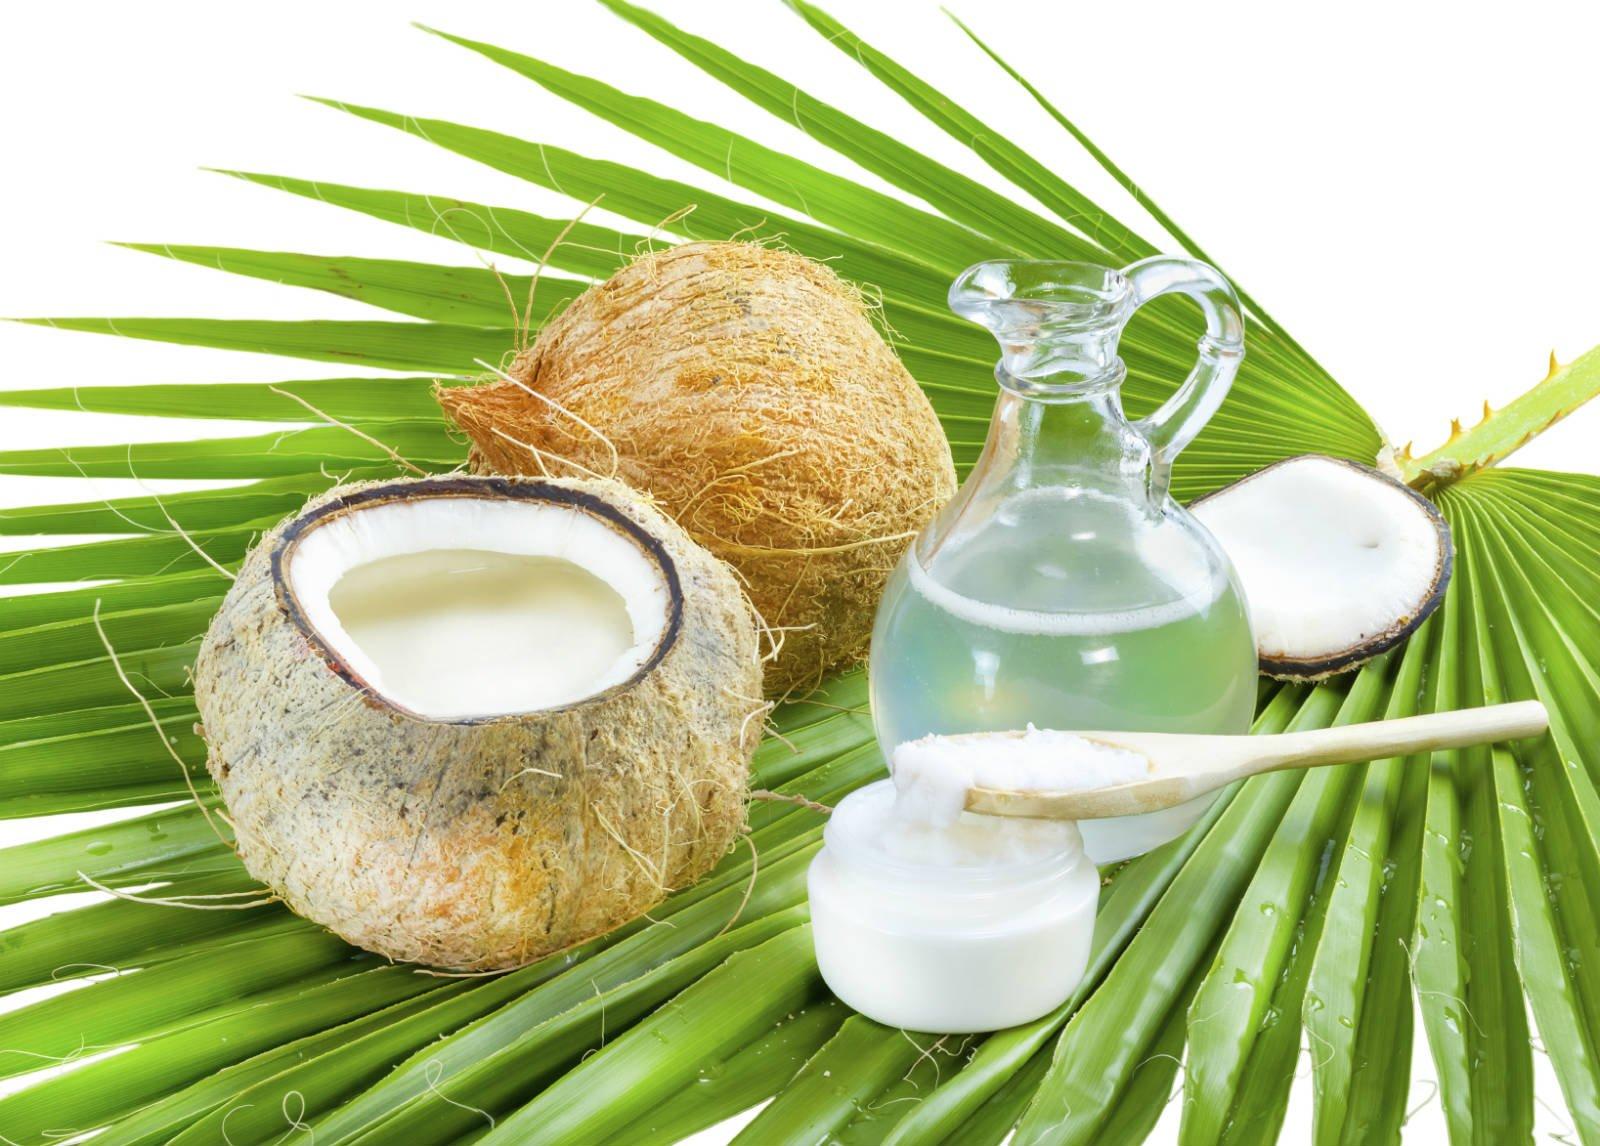 Кокосовое масло для тела - от солнца, морщин, рубцов, для губ